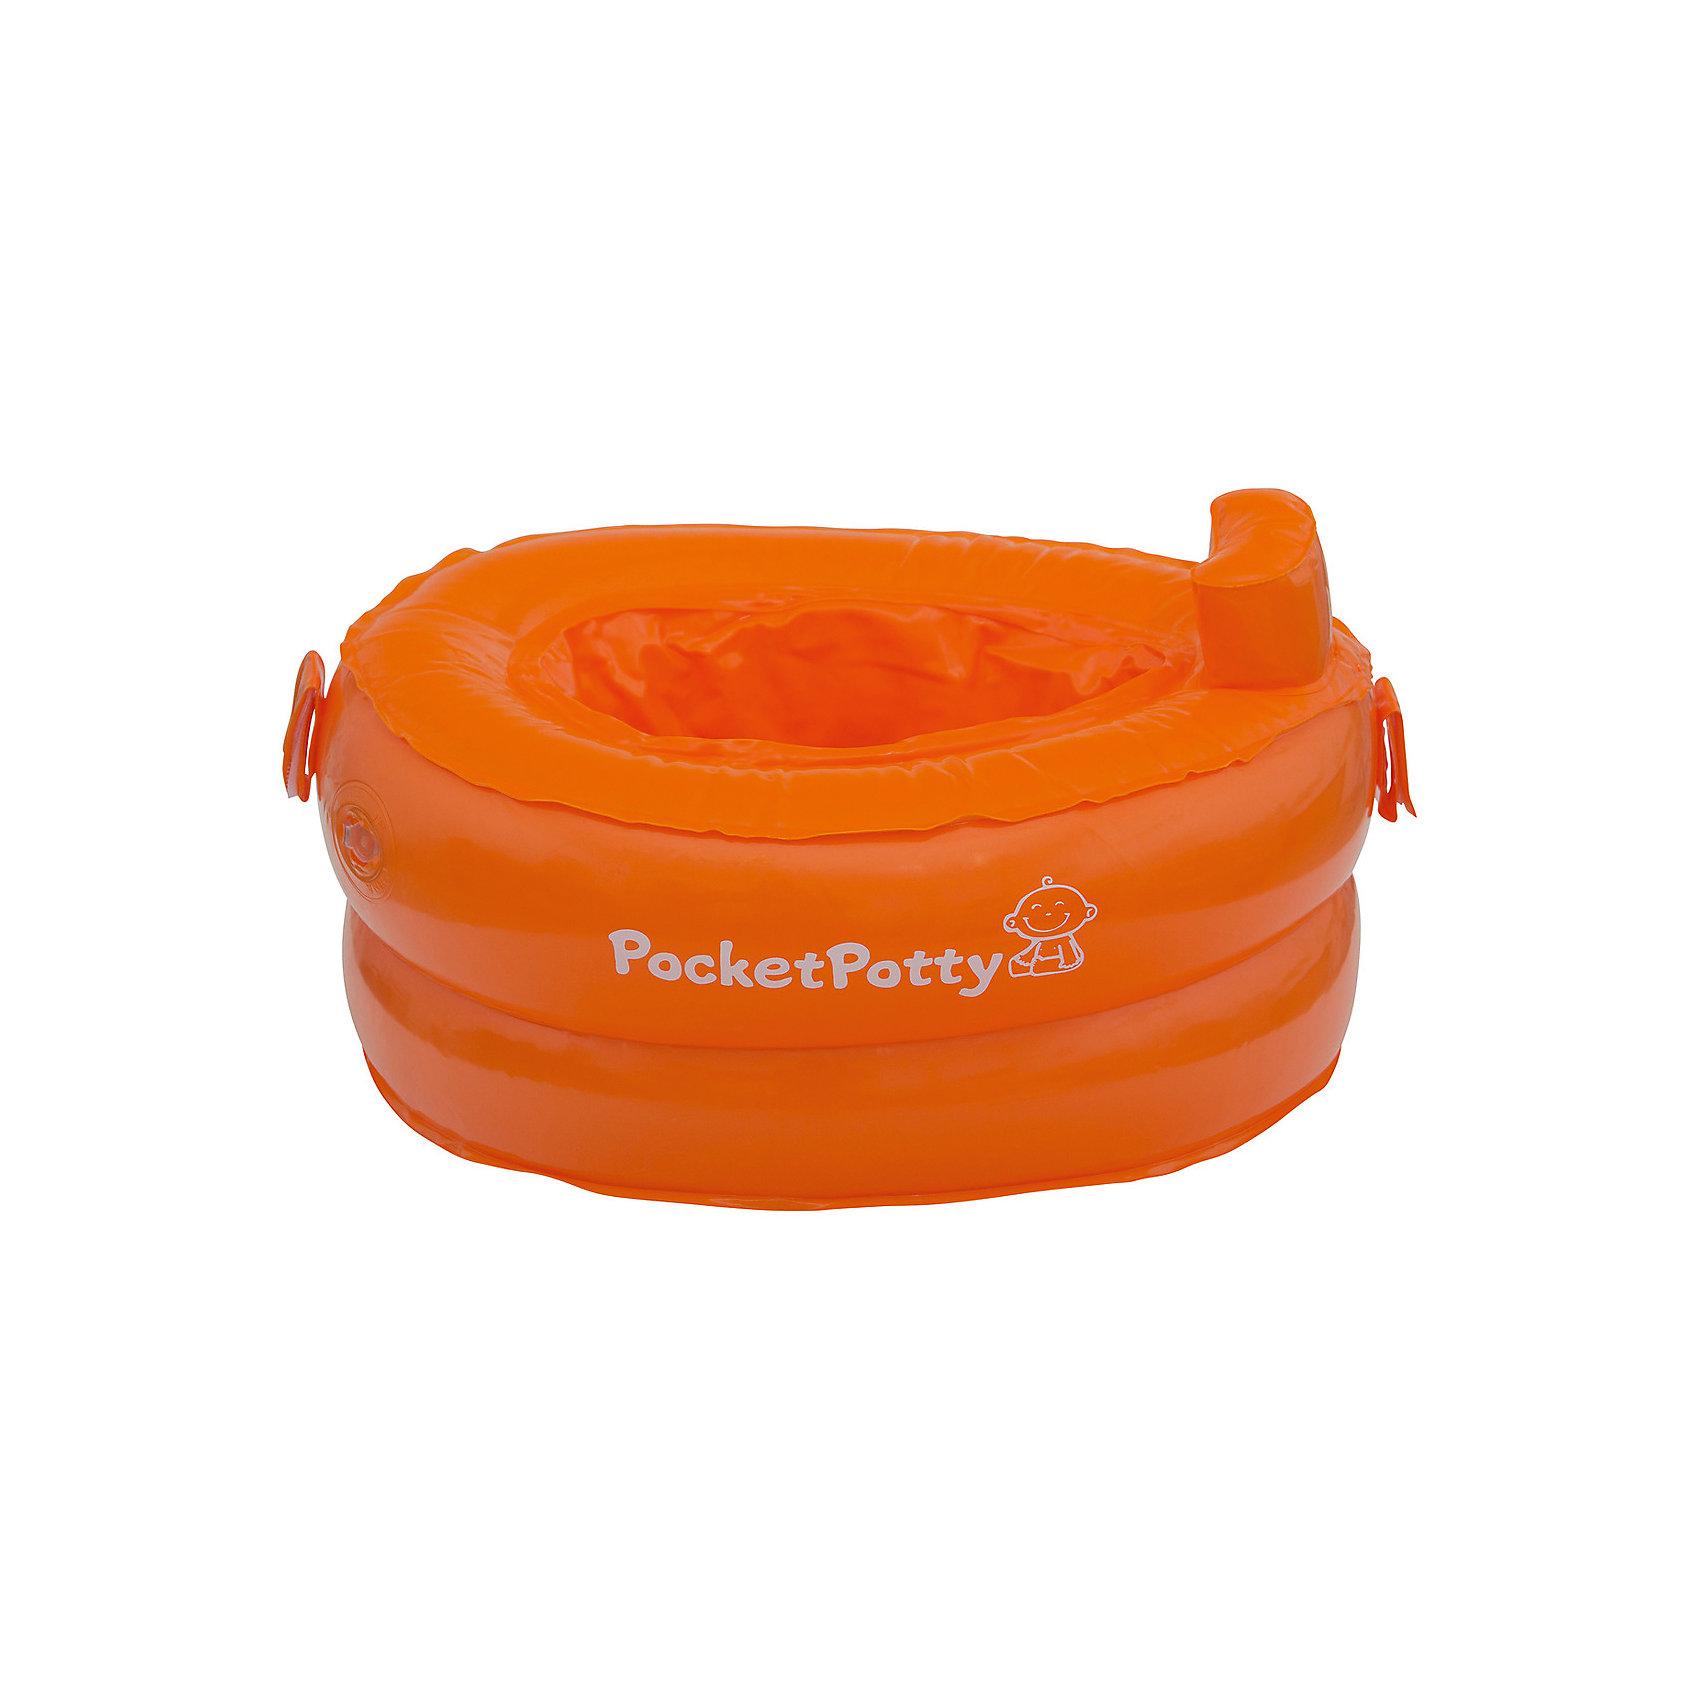 Надувной дорожный горшок PocketPotty со сменными пакетамиДетские горшки<br>Надувной дорожный горшок PocketPotty со сменными пакетами – это компактный вариант дорожного горшка!<br>Горшок PocketPotty (ПокетПотти) удобен для путешествий или длительных прогулок с малышом. Благодаря небольшому весу и компактным размерам в сложенном состоянии модель удобно переносить. Выпустив из горшка воздух, помогающий ему держать форму, вы поместите его даже в небольшой кармашек сумки. Конструкция из двух широких камер обеспечивает необходимую устойчивость и достаточную для малыша высоту посадки. Специальный барьер предотвращает разбрызгивание жидкости. Горшок PocketPotty (ПокетПотти) может использоваться в комплекте со специальными одноразовыми вкладышами, которые интенсивно впитывают жидкость и превращают ее в гель. После использования вкладыши можно выбросить. Изначально в комплекте с надувным дорожным горшком PocketPotty (ПокетПотти) идут три таких вкладыша. В дальнейшем можно покупать их или сменные пакеты для дорожного горшка отдельно. Горшок сделан из прочных гипоаллергенных материалов. Он незаменим для отправления естественных потребностей малыша в любом общественном месте или таком замкнутом пространстве, как салон автобуса или самолета, а также автомобиль или поезд.<br><br>Дополнительная информация:<br><br>- Особенности: простота переноски, минимальный вес, высокое сиденье, удобство конструкции, надежность<br>- В комплекте: горшок, 3 одноразовых пакета-вкладыша<br>- Возраст: от 15 месяцев<br>- Максимальная нагрузка: 25 кг.<br>- Цвет: оранжевый<br>- Материал: ПВХ, полиэтилен<br>- Высота в надутом состоянии: 14,5 см.<br>- Размер упаковки: 14x14x6 см.<br>- Вес: 500 гр.<br><br>Надувной дорожный горшок PocketPotty со сменными пакетами можно купить в нашем интернет-магазине.<br><br>Ширина мм: 140<br>Глубина мм: 140<br>Высота мм: 60<br>Вес г: 500<br>Цвет: оранжевый<br>Возраст от месяцев: 18<br>Возраст до месяцев: 36<br>Пол: Унисекс<br>Возраст: Детский<br>SKU: 4623927